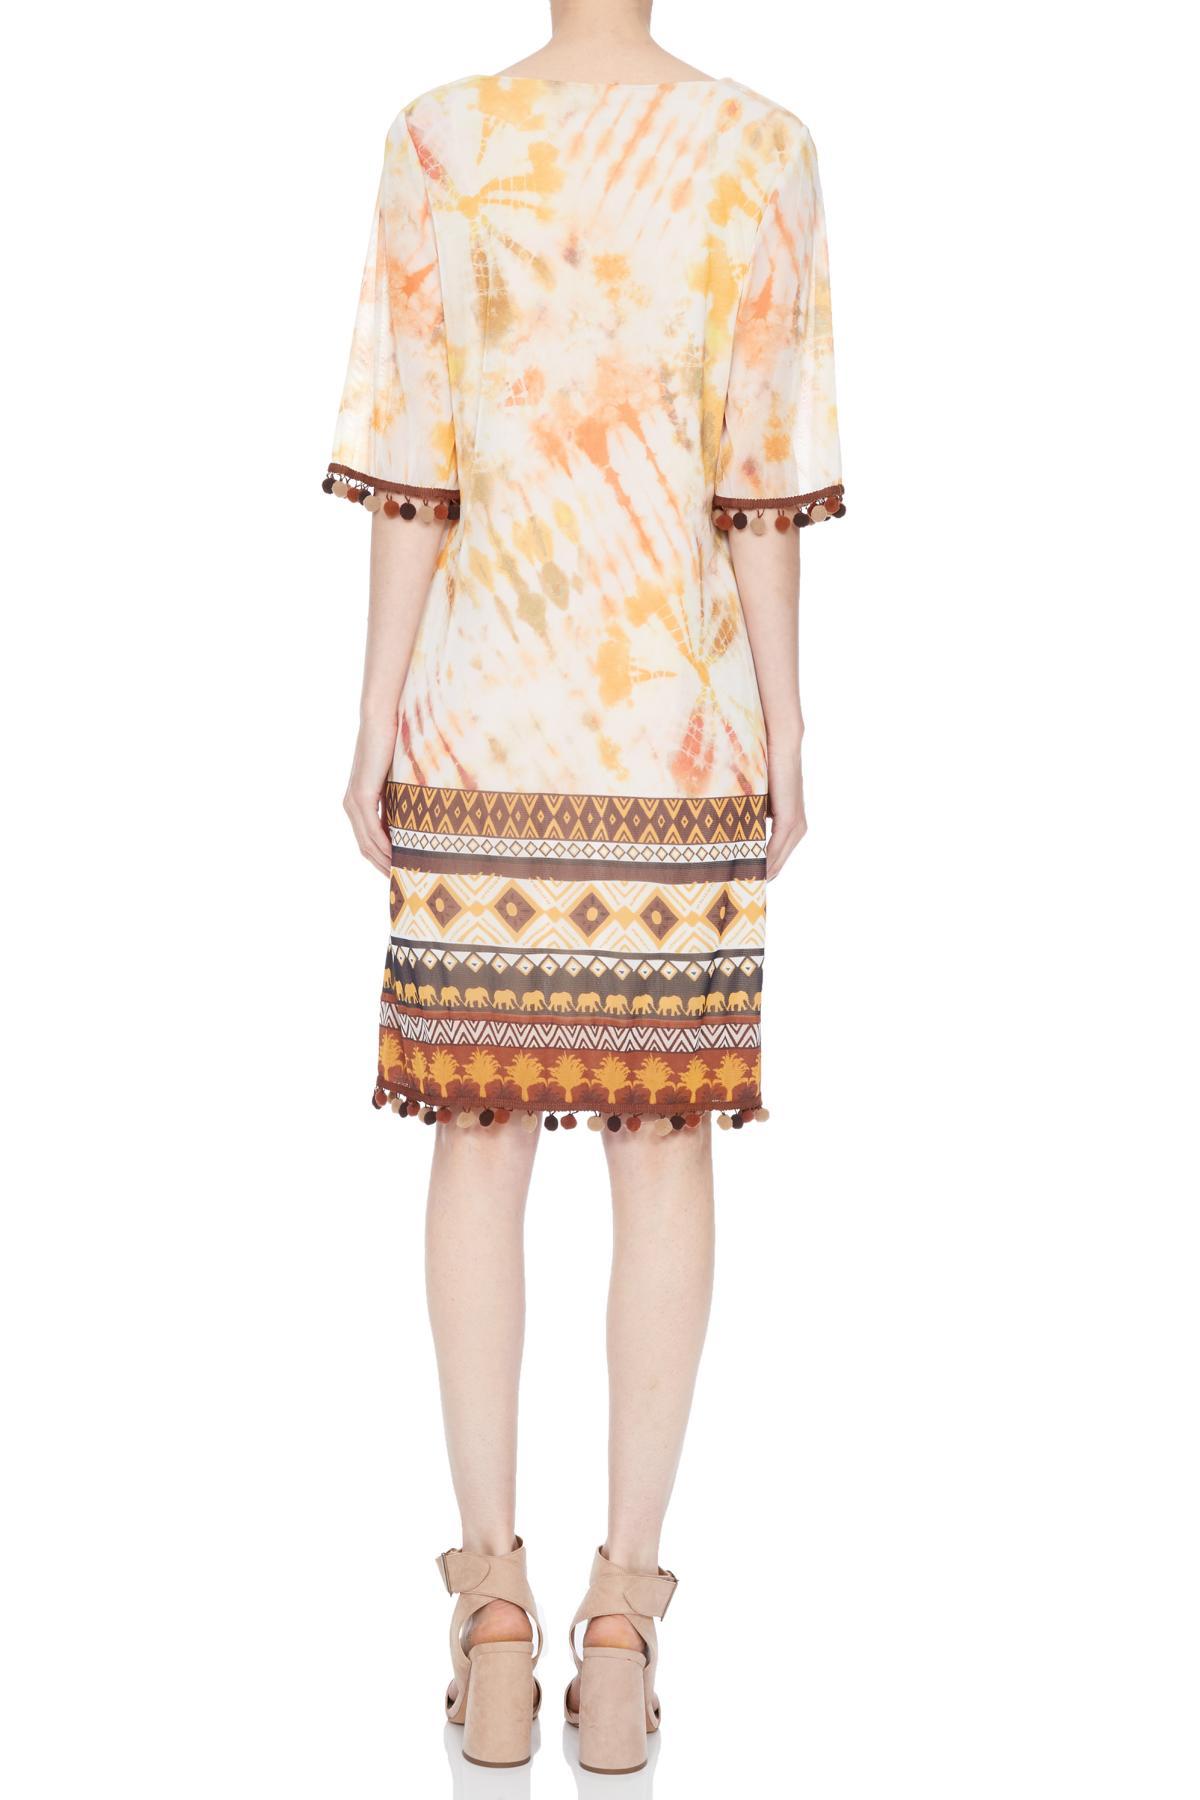 Rückansicht von Ana Alcazar Limited Edition Kurzarmkleid Nakea  angezogen an Model